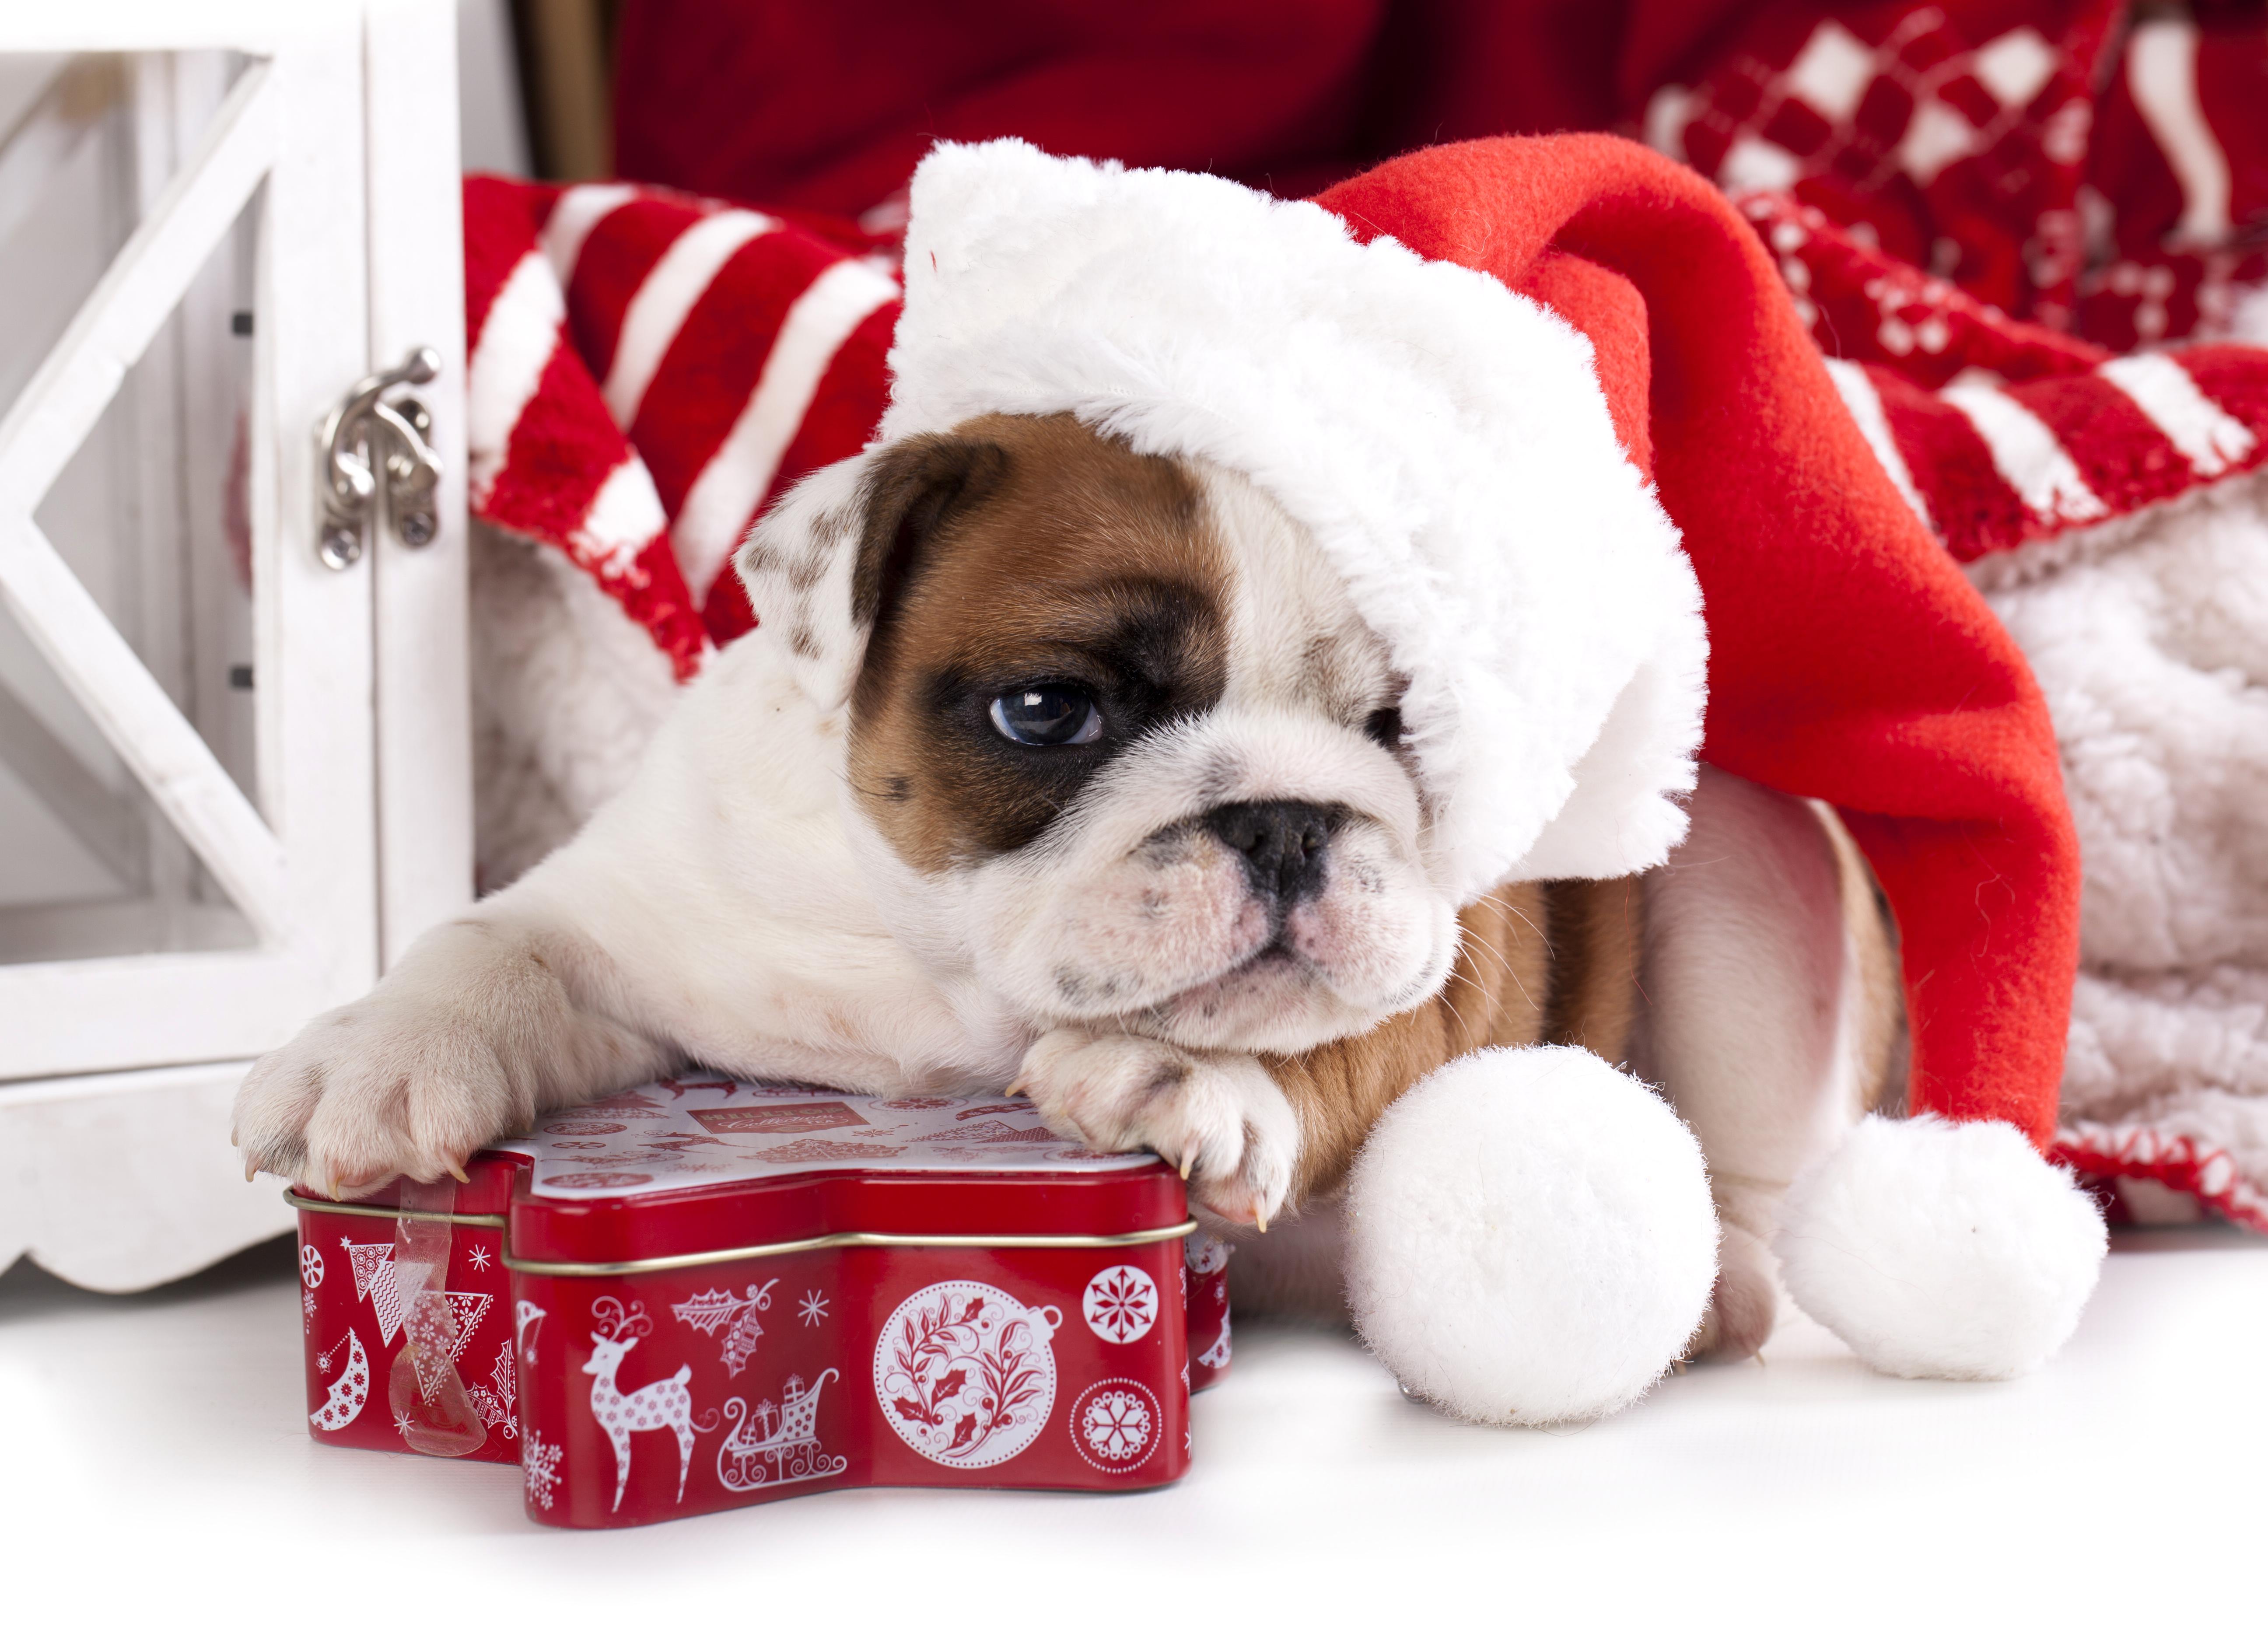 собачка в новогодней шапочке  № 1301922 бесплатно